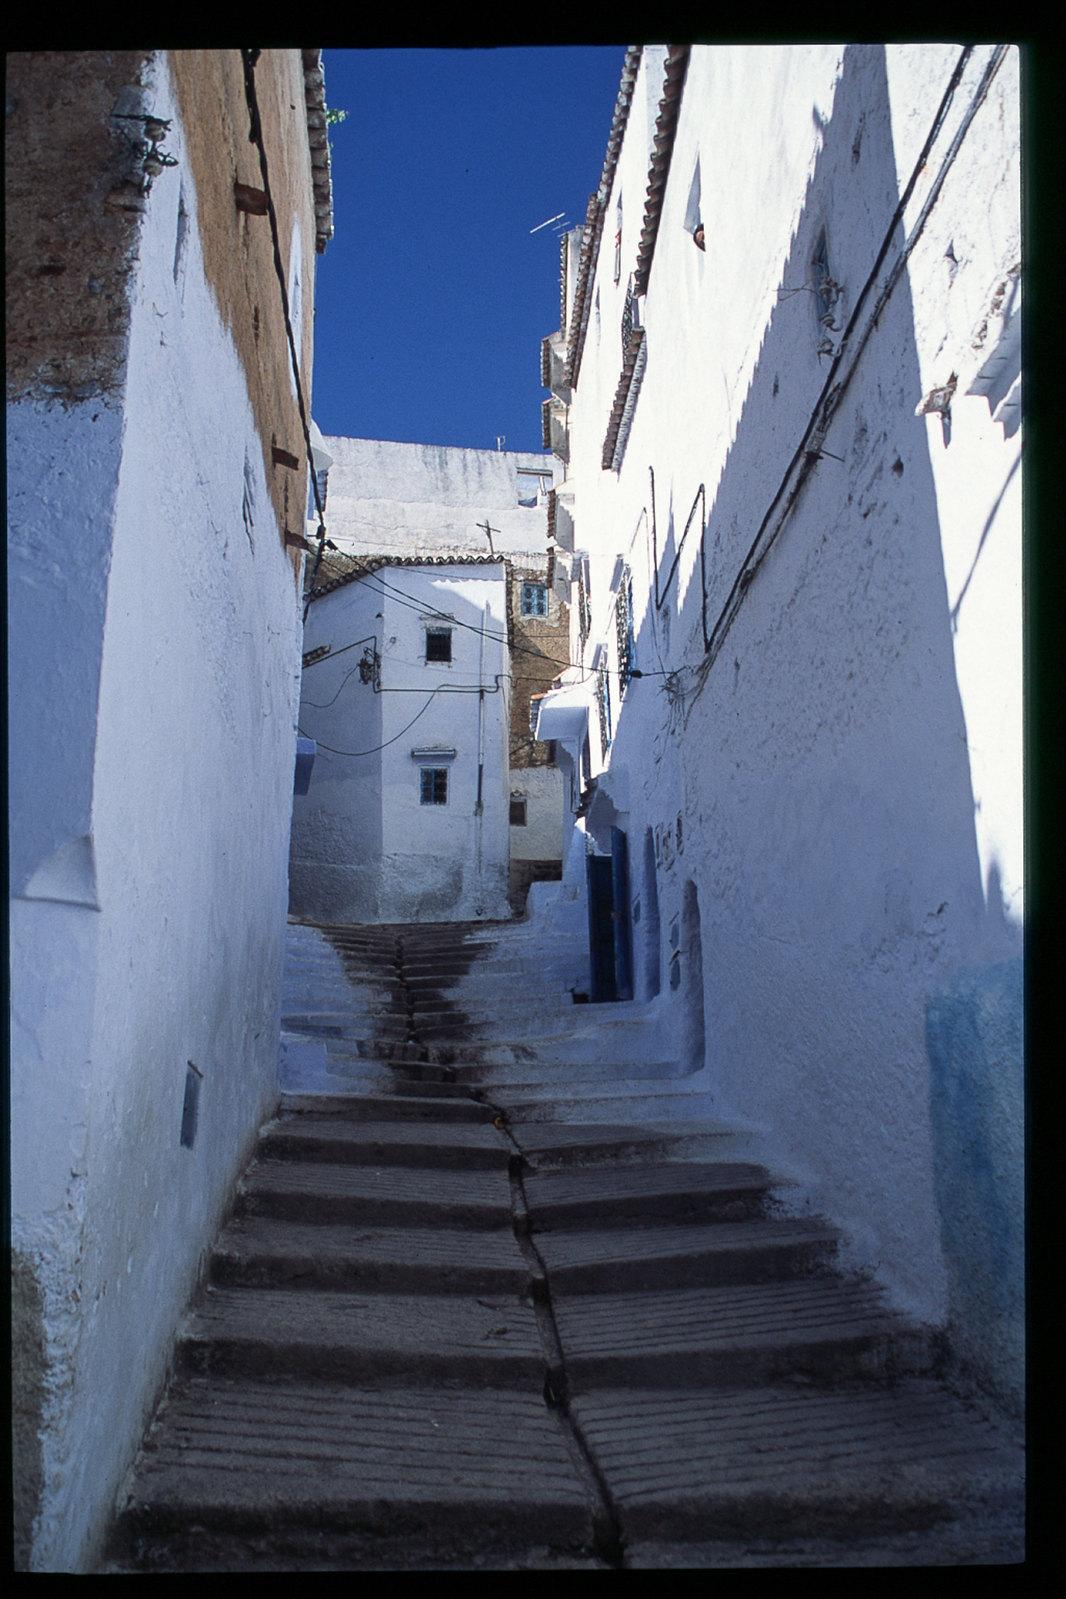 Chefchaouen - Une ville toute en escaliers